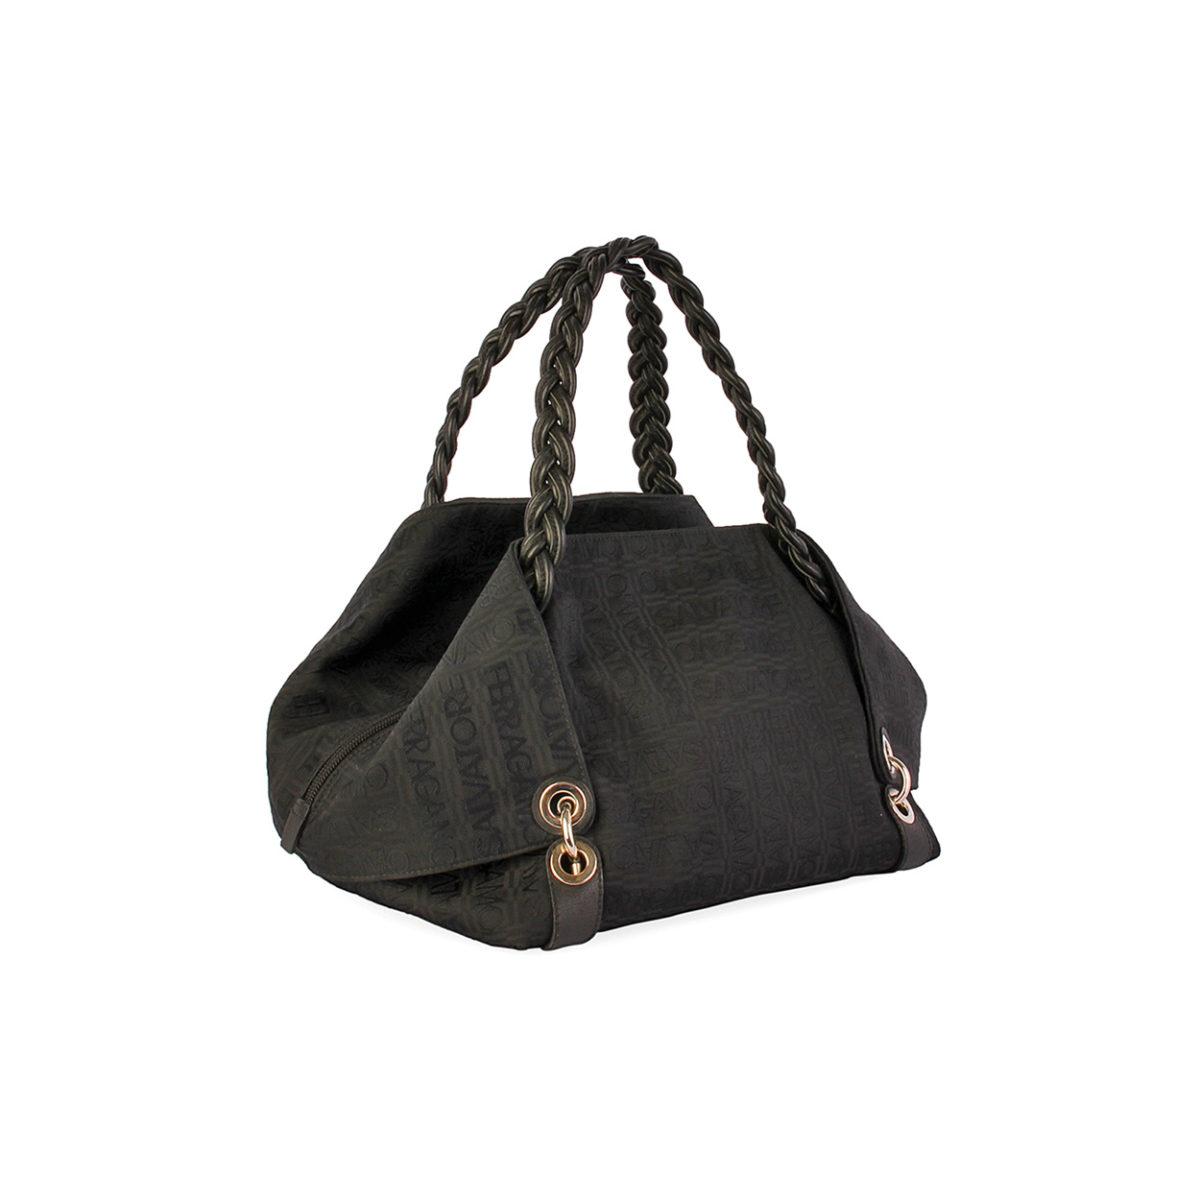 SALVATORE FERRAGAMO Canvas Shoulder Bag Black  d96b64f669747